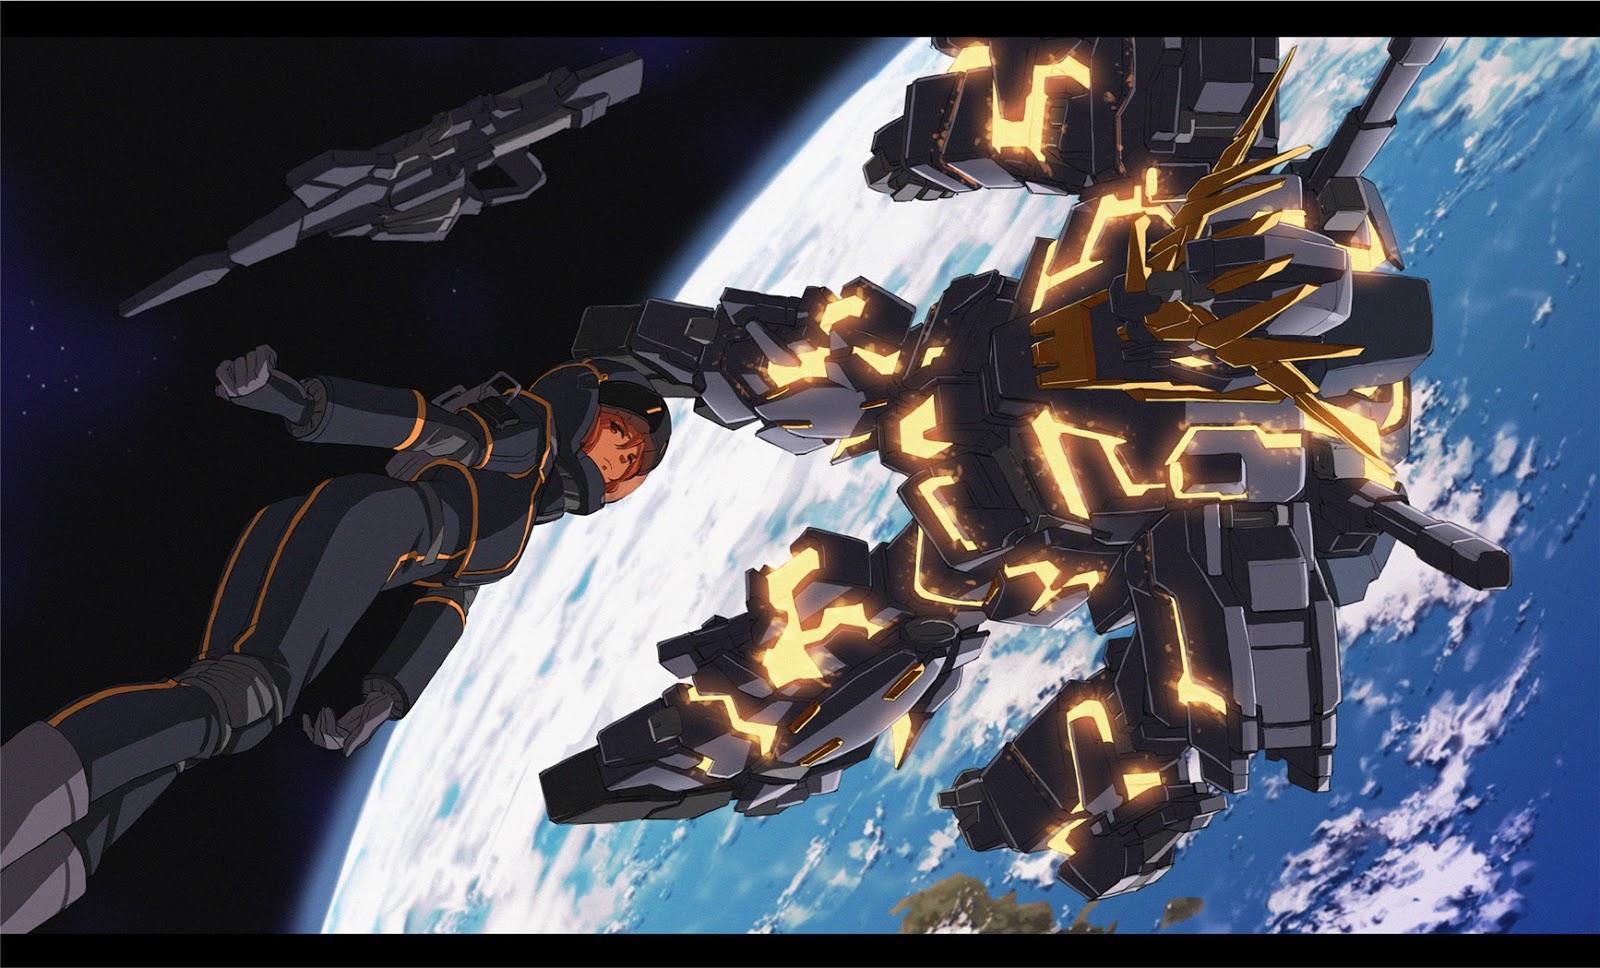 RX 0 Gundam Unicorn 02 Banshee and Marida Cruz Wallpaper   Gundam Kits 1600x968